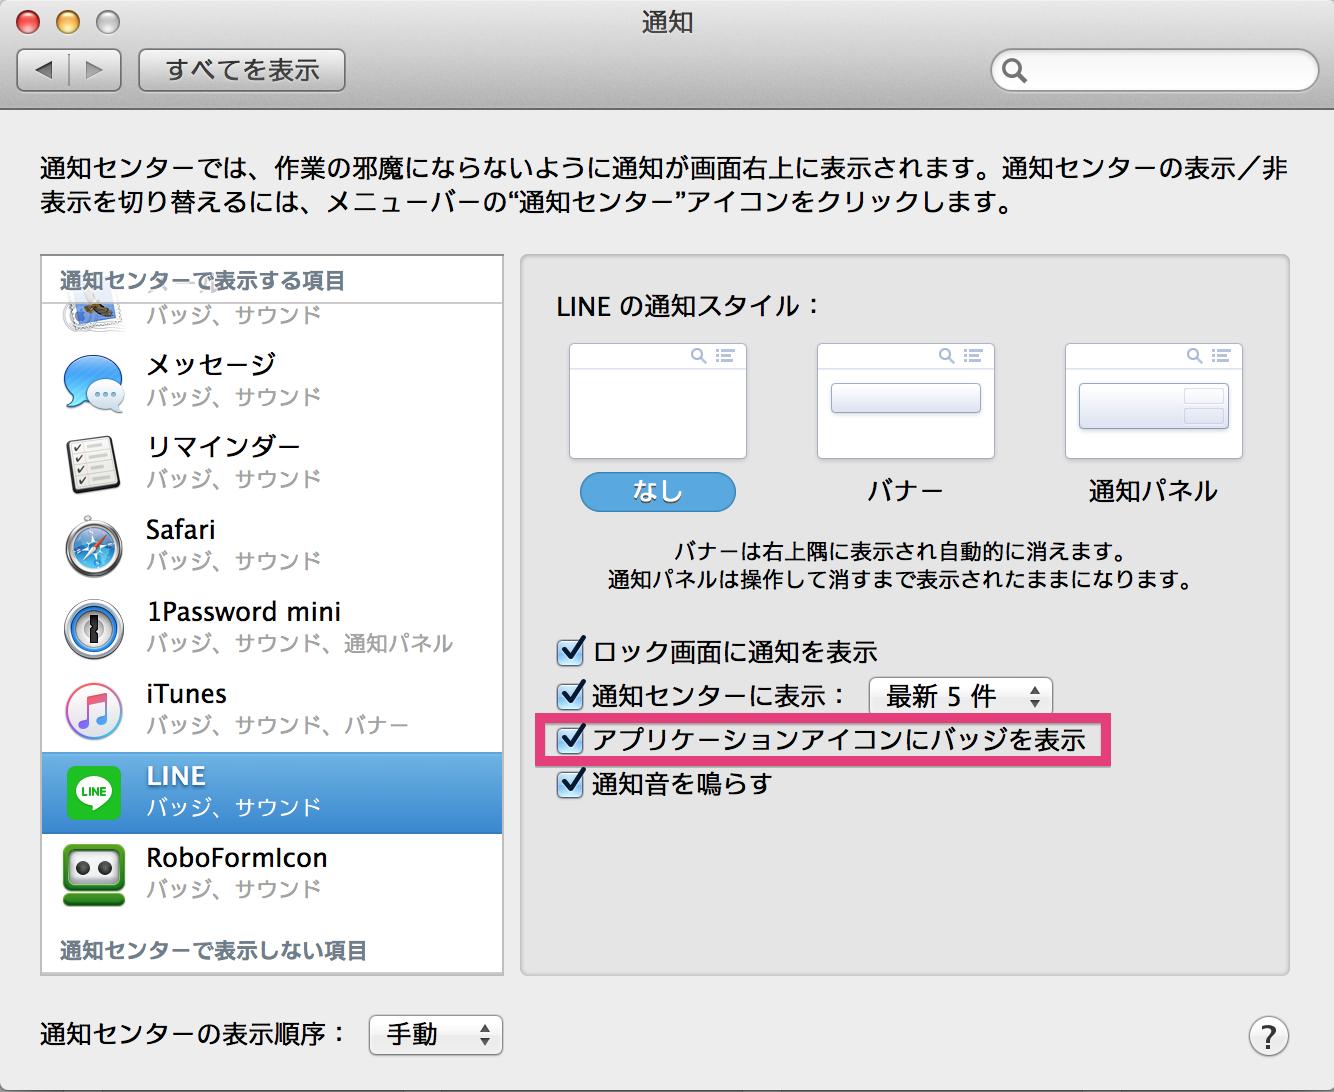 オフ mac 通知